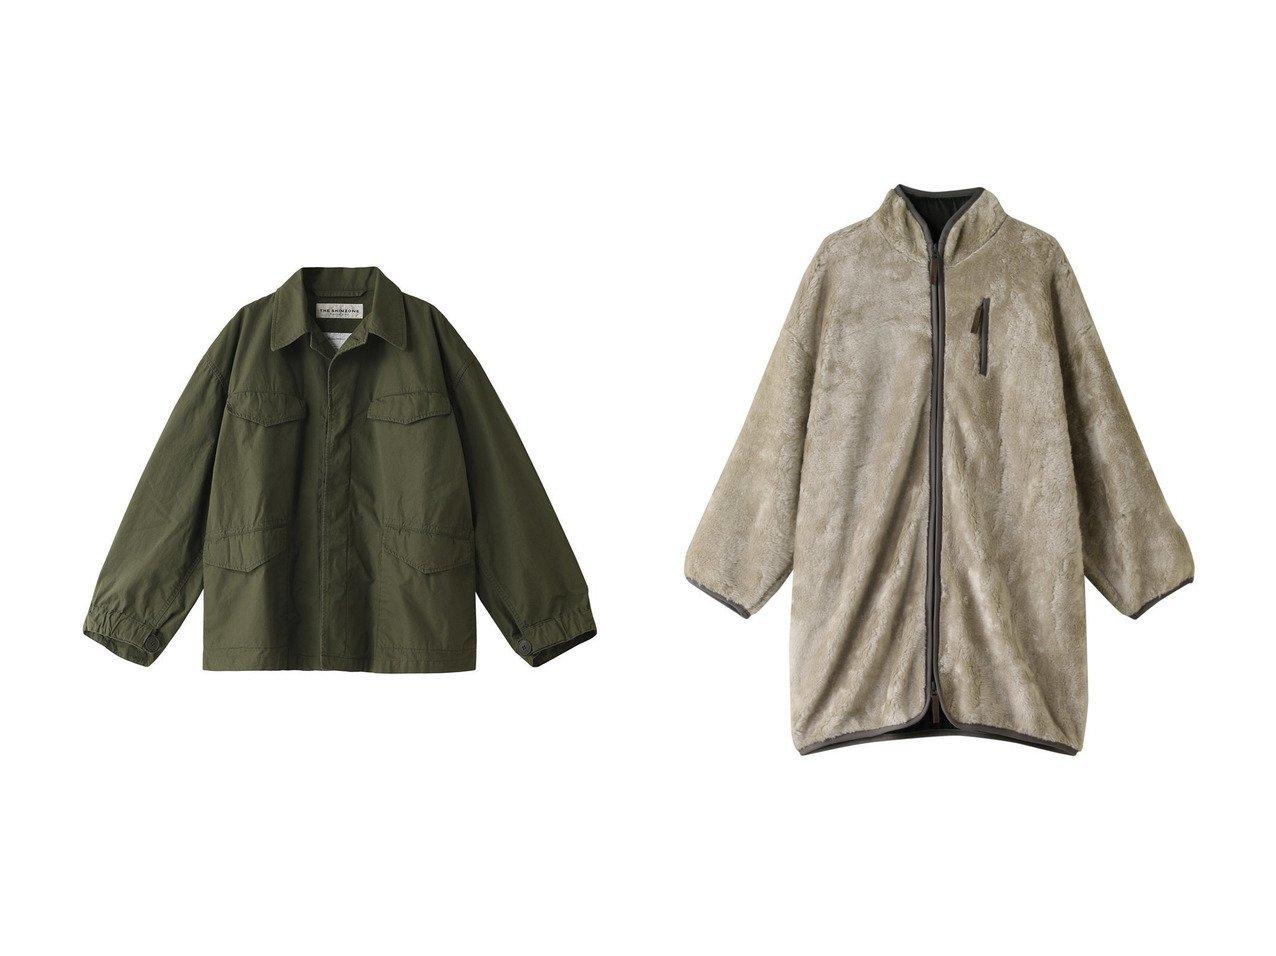 【mizuiro ind/ミズイロ インド】のボアジップジャケット&【Shinzone/シンゾーン】のフィールドジャケット アウターのおすすめ!人気、トレンド・レディースファッションの通販 おすすめで人気の流行・トレンド、ファッションの通販商品 メンズファッション・キッズファッション・インテリア・家具・レディースファッション・服の通販 founy(ファニー) https://founy.com/ ファッション Fashion レディースファッション WOMEN アウター Coat Outerwear ジャケット Jackets 2021年 2021 2021 春夏 S/S SS Spring/Summer 2021 S/S 春夏 SS Spring/Summer ショルダー ジャケット スリーブ ドロップ フェミニン ポケット ミックス 春 Spring シンプル ブルゾン 秋 Autumn/Fall |ID:crp329100000013468